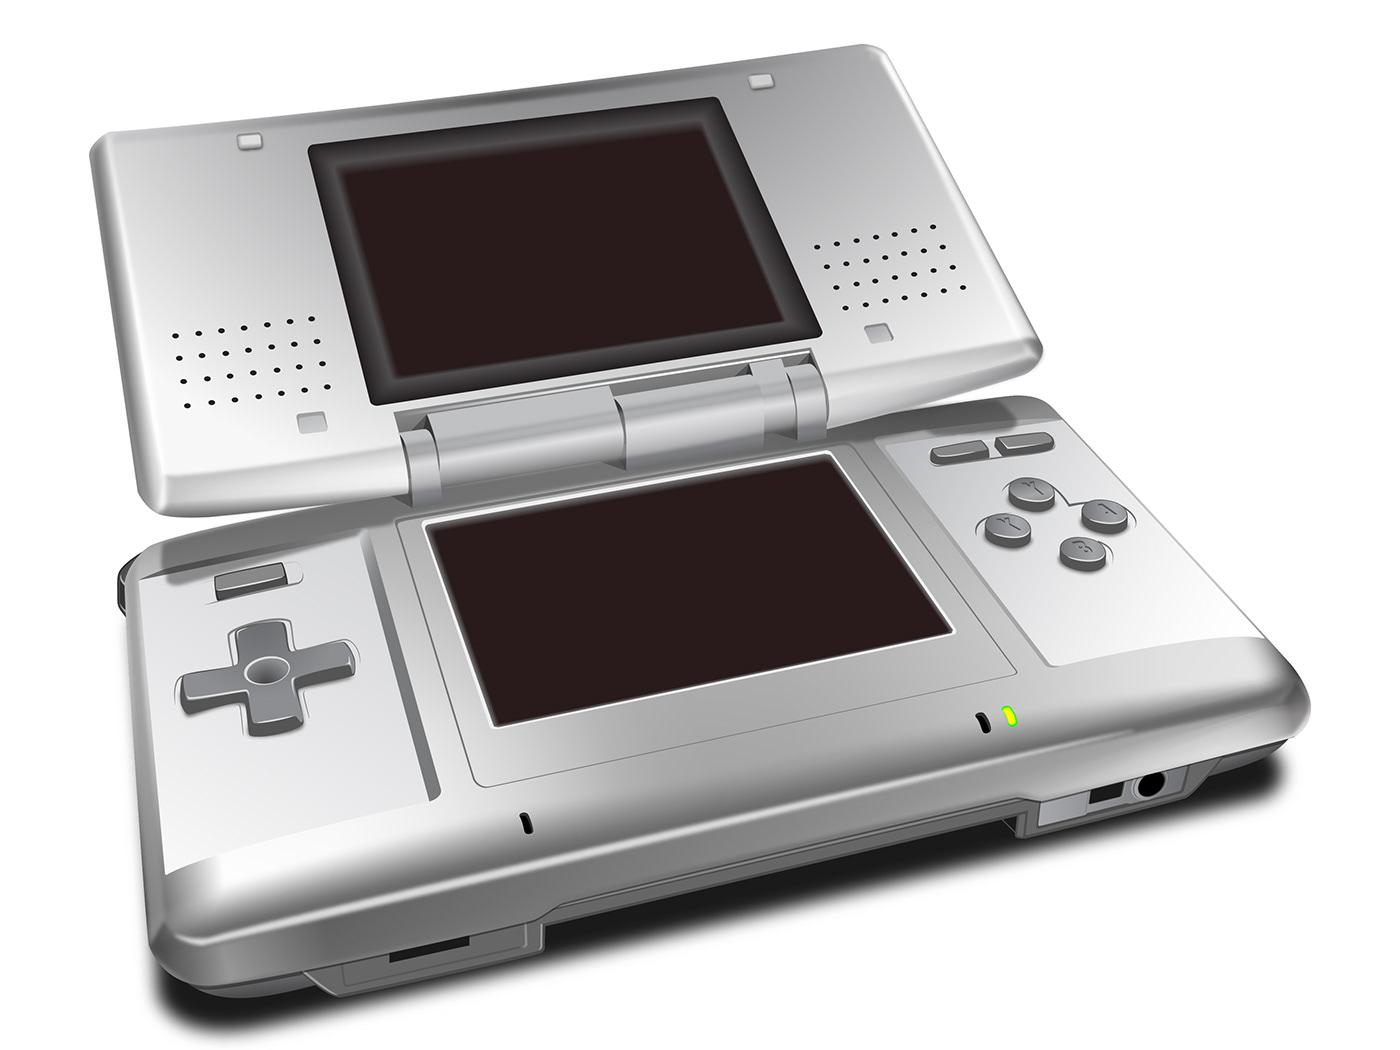 DS Nintendo rendering